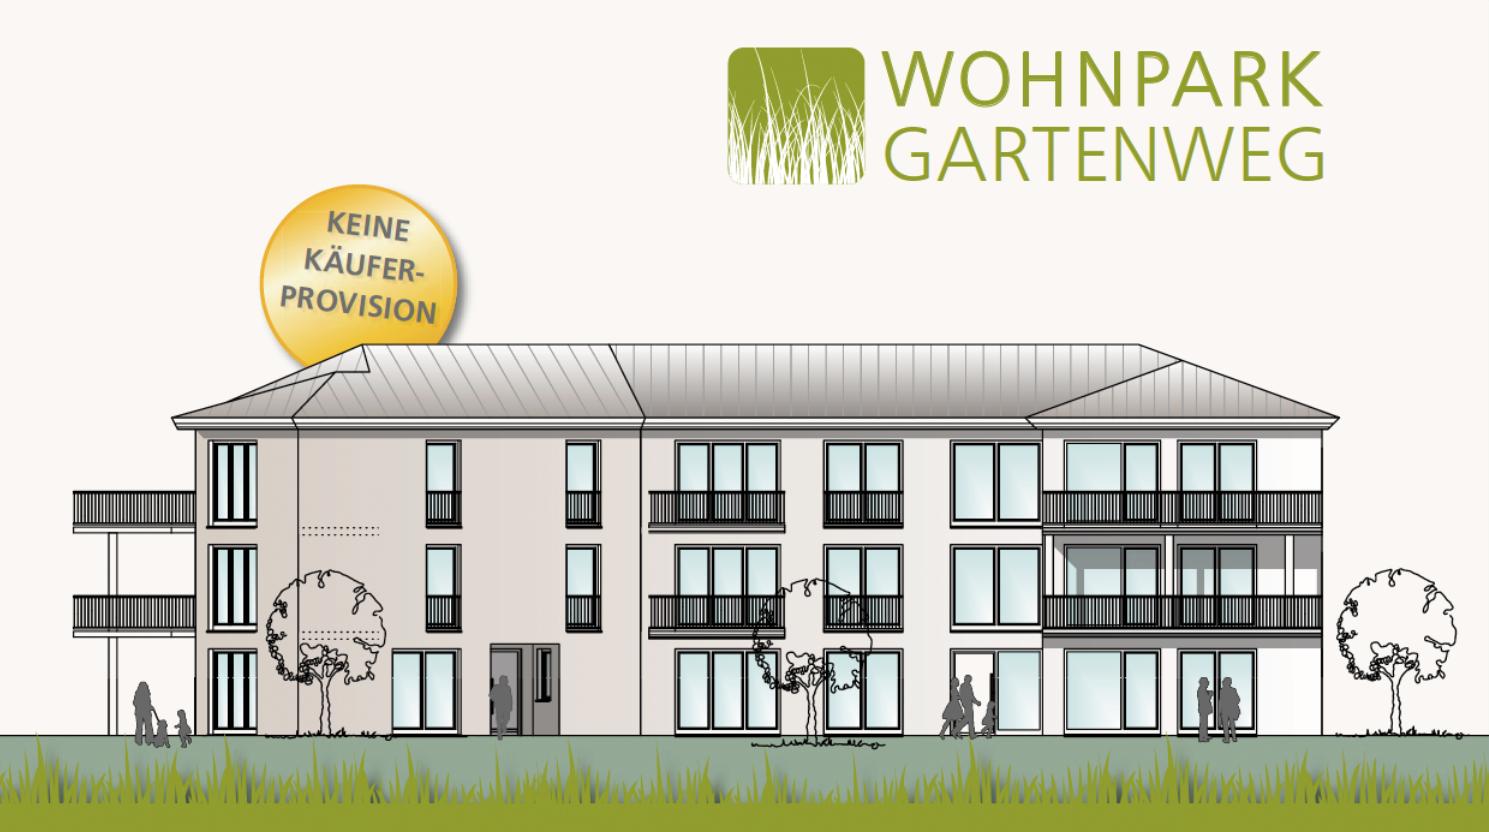 Wohnpark-Gartenweg